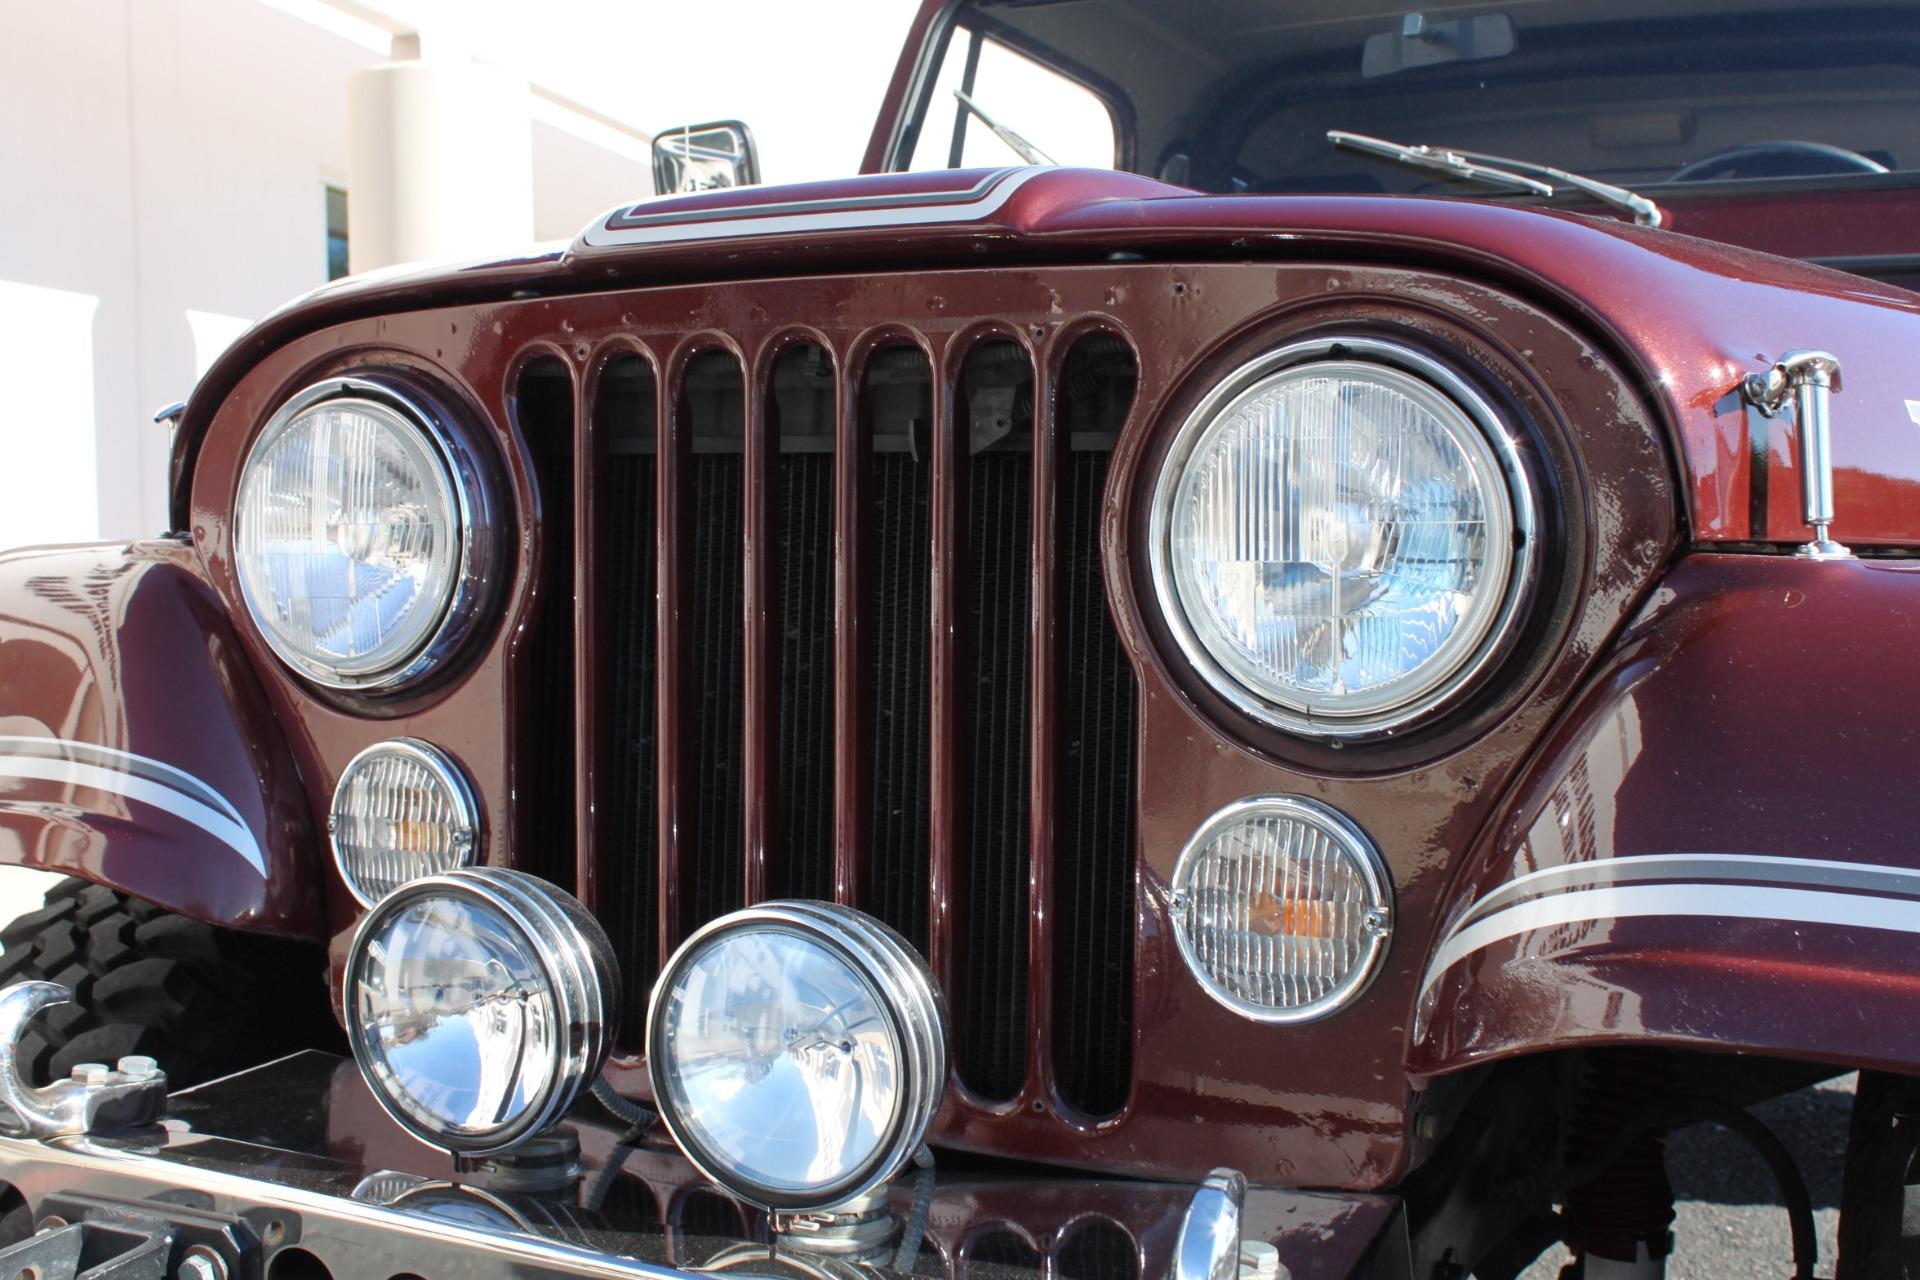 Used-1980-Jeep-CJ7-4WD-LS400